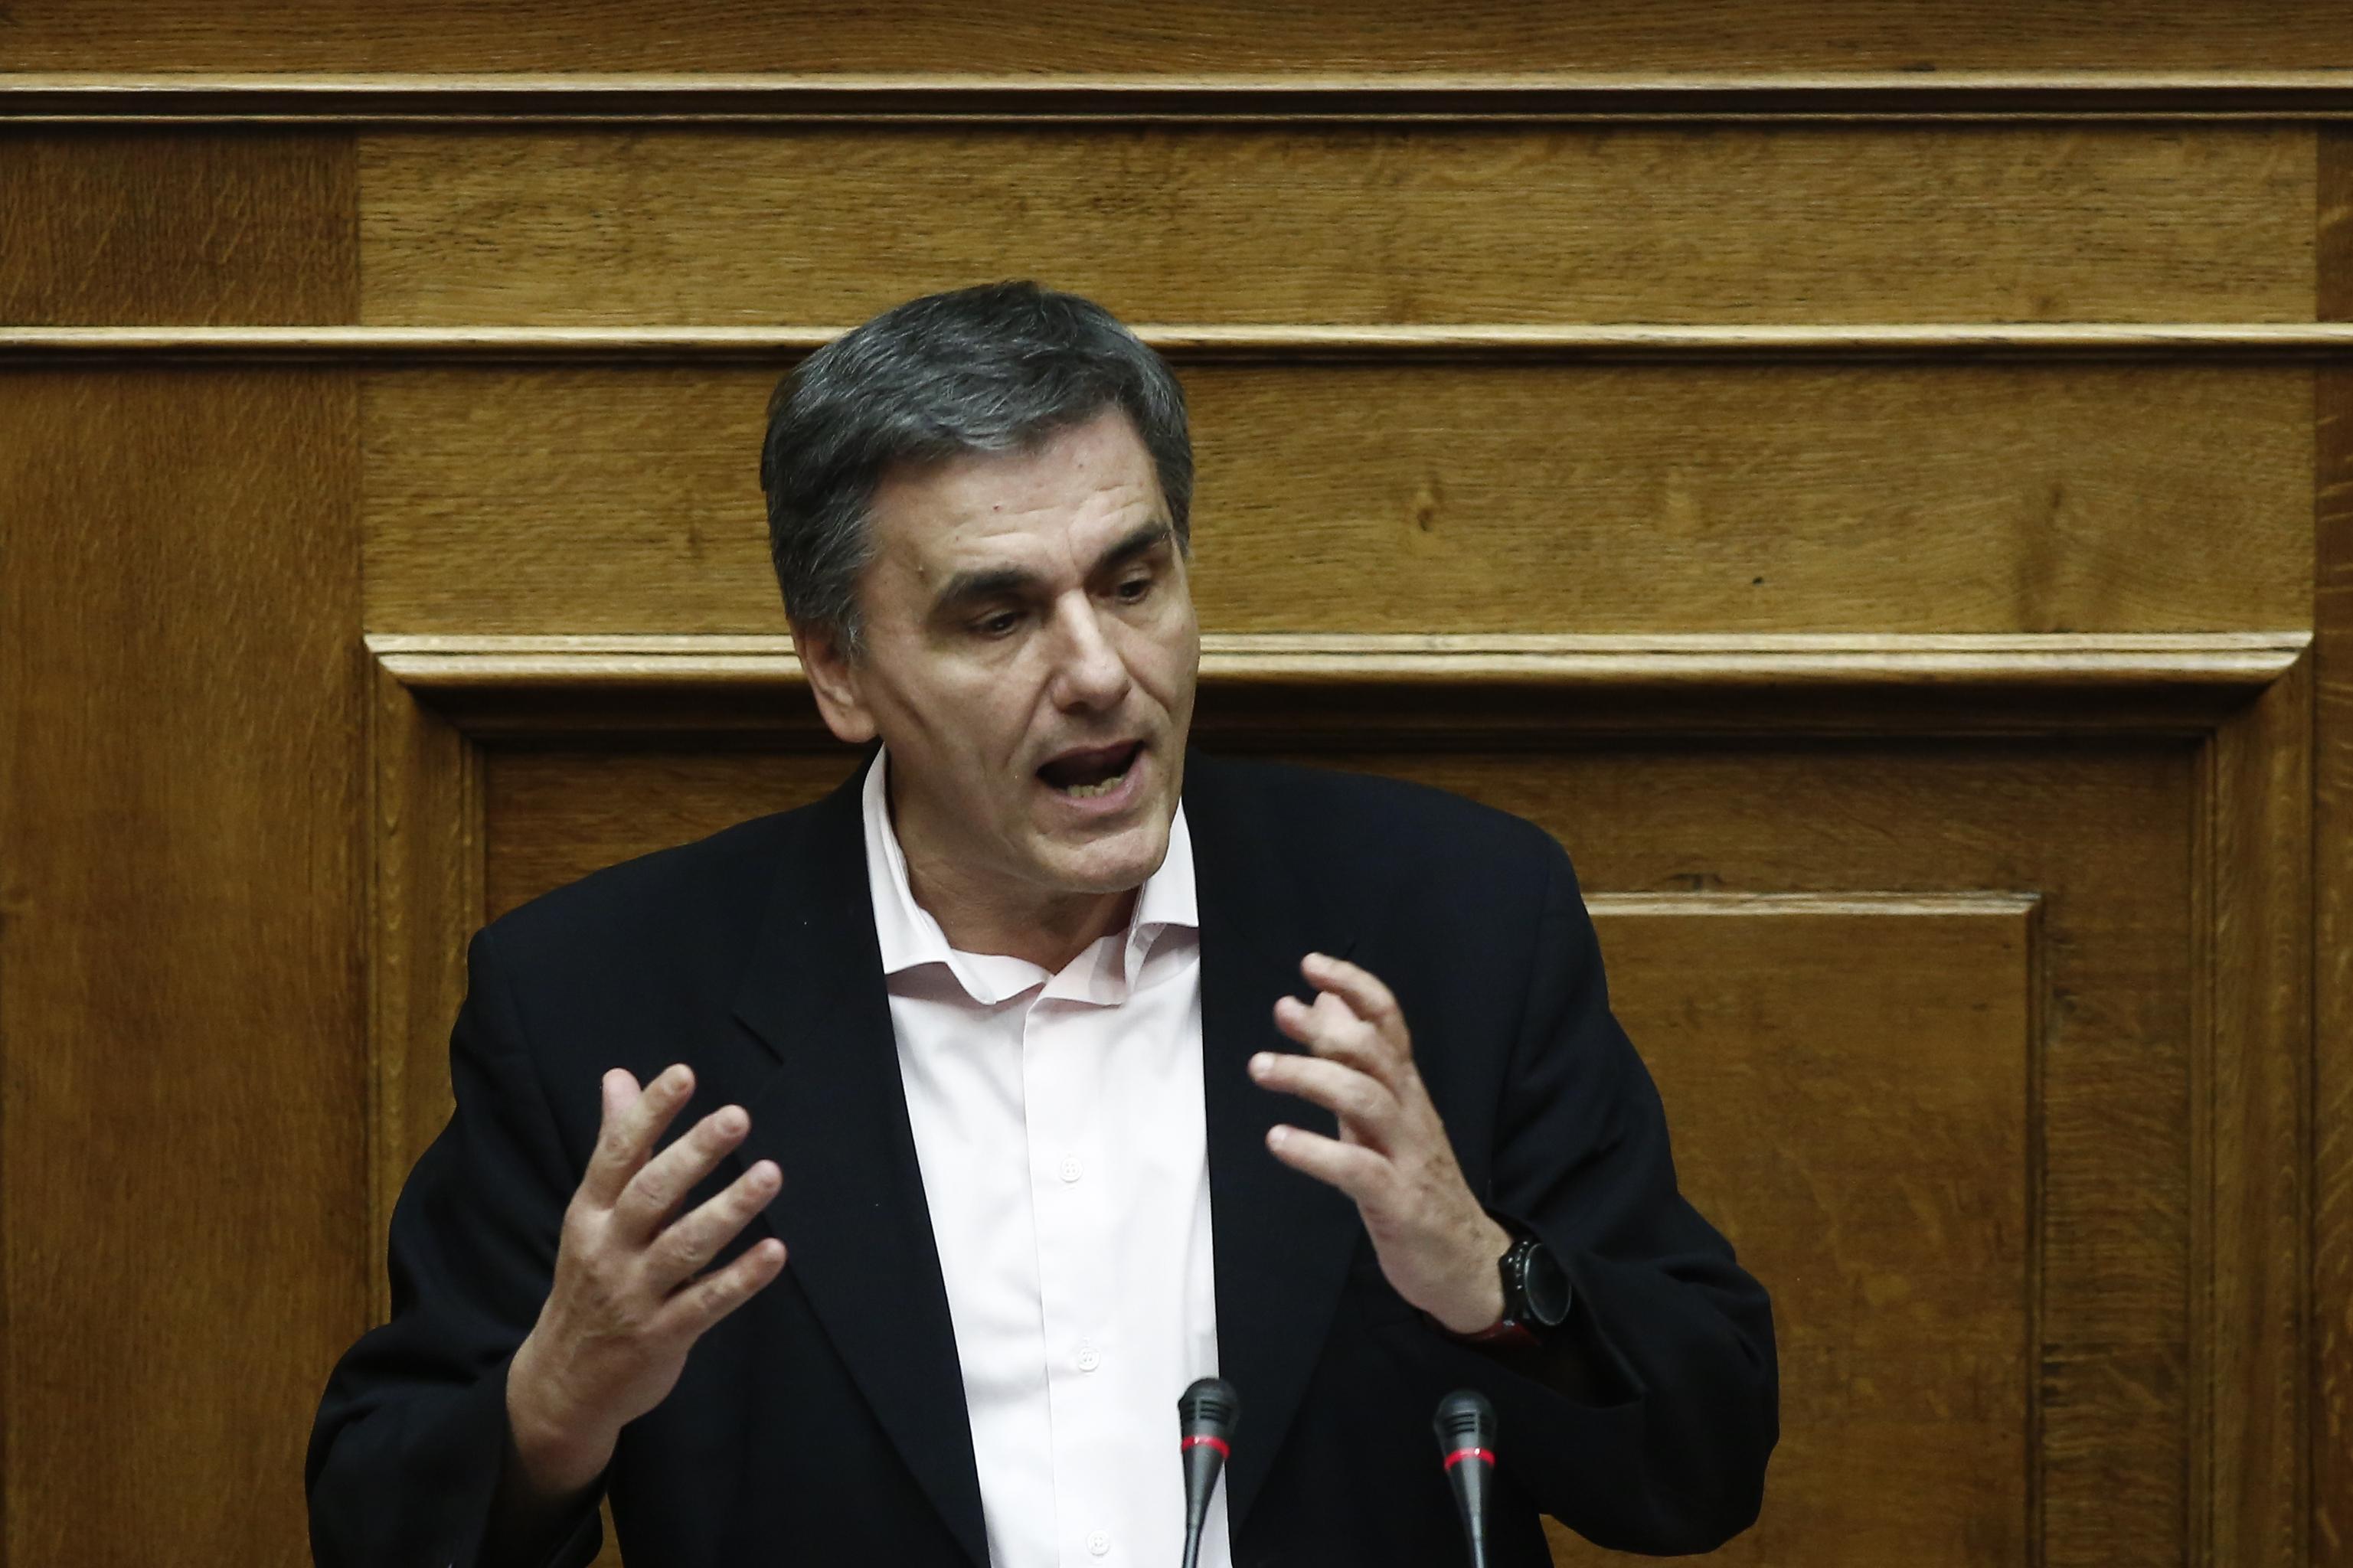 Βρυξέλλες: Καλό σημείο εκκίνησης για μια συμφωνία η επιστολή Τσακαλώτου   tovima.gr